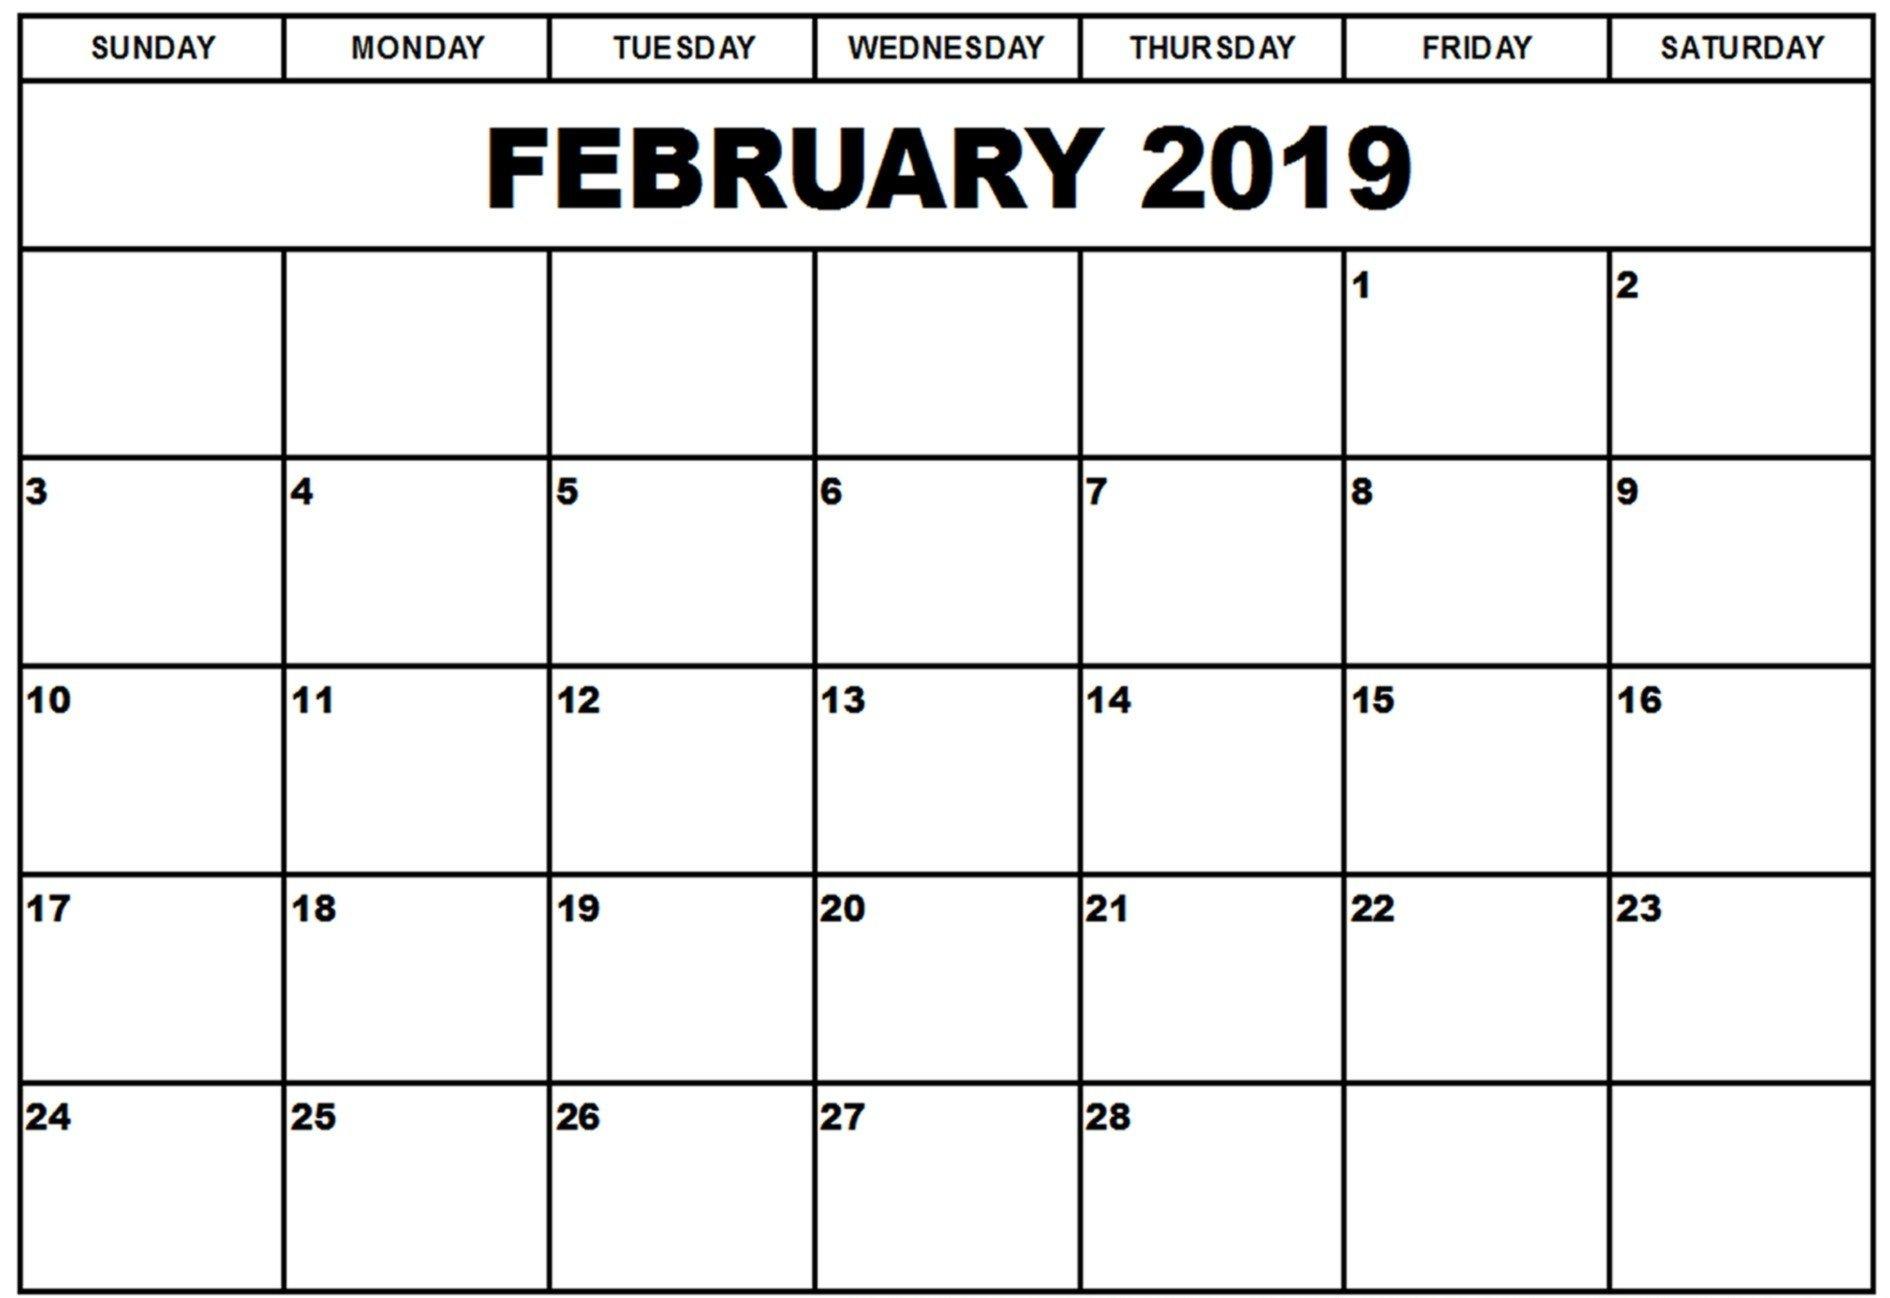 Calendar 2019 February Month – Printable Calendar Templates Calendar Of 2019 February